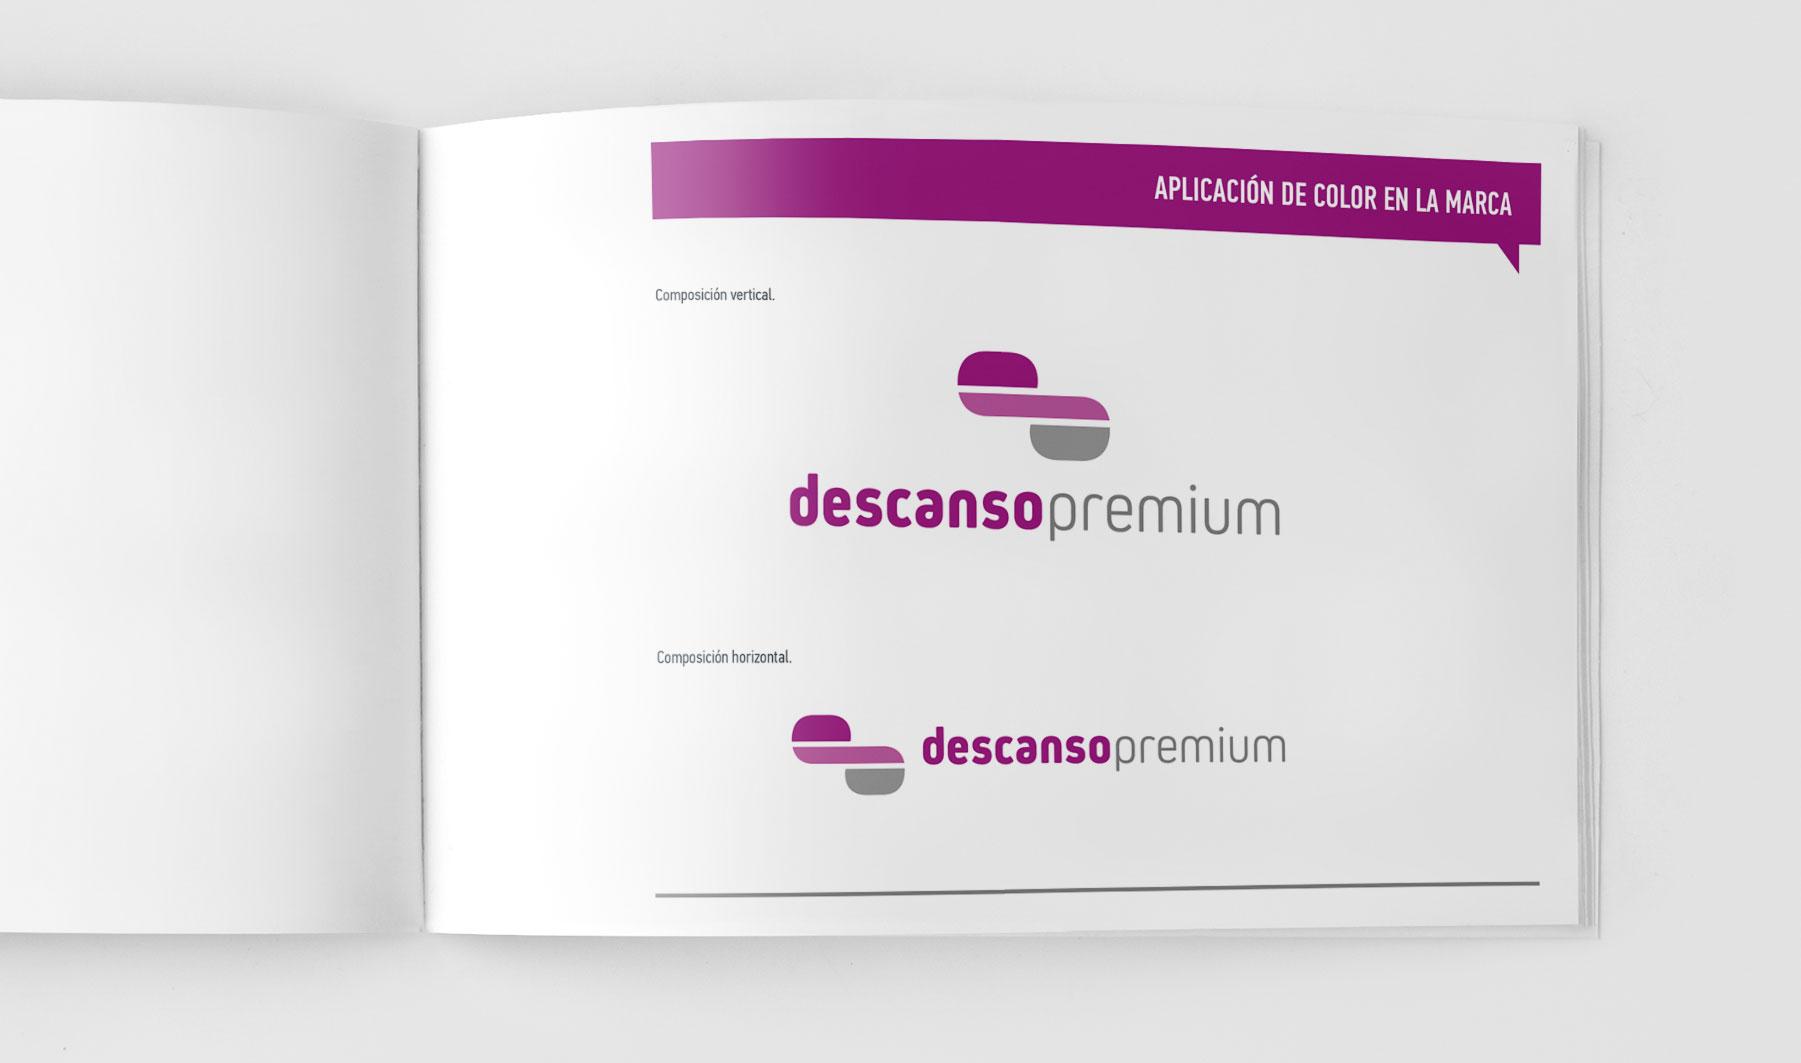 descanso-premium-imagen-corporativa-10